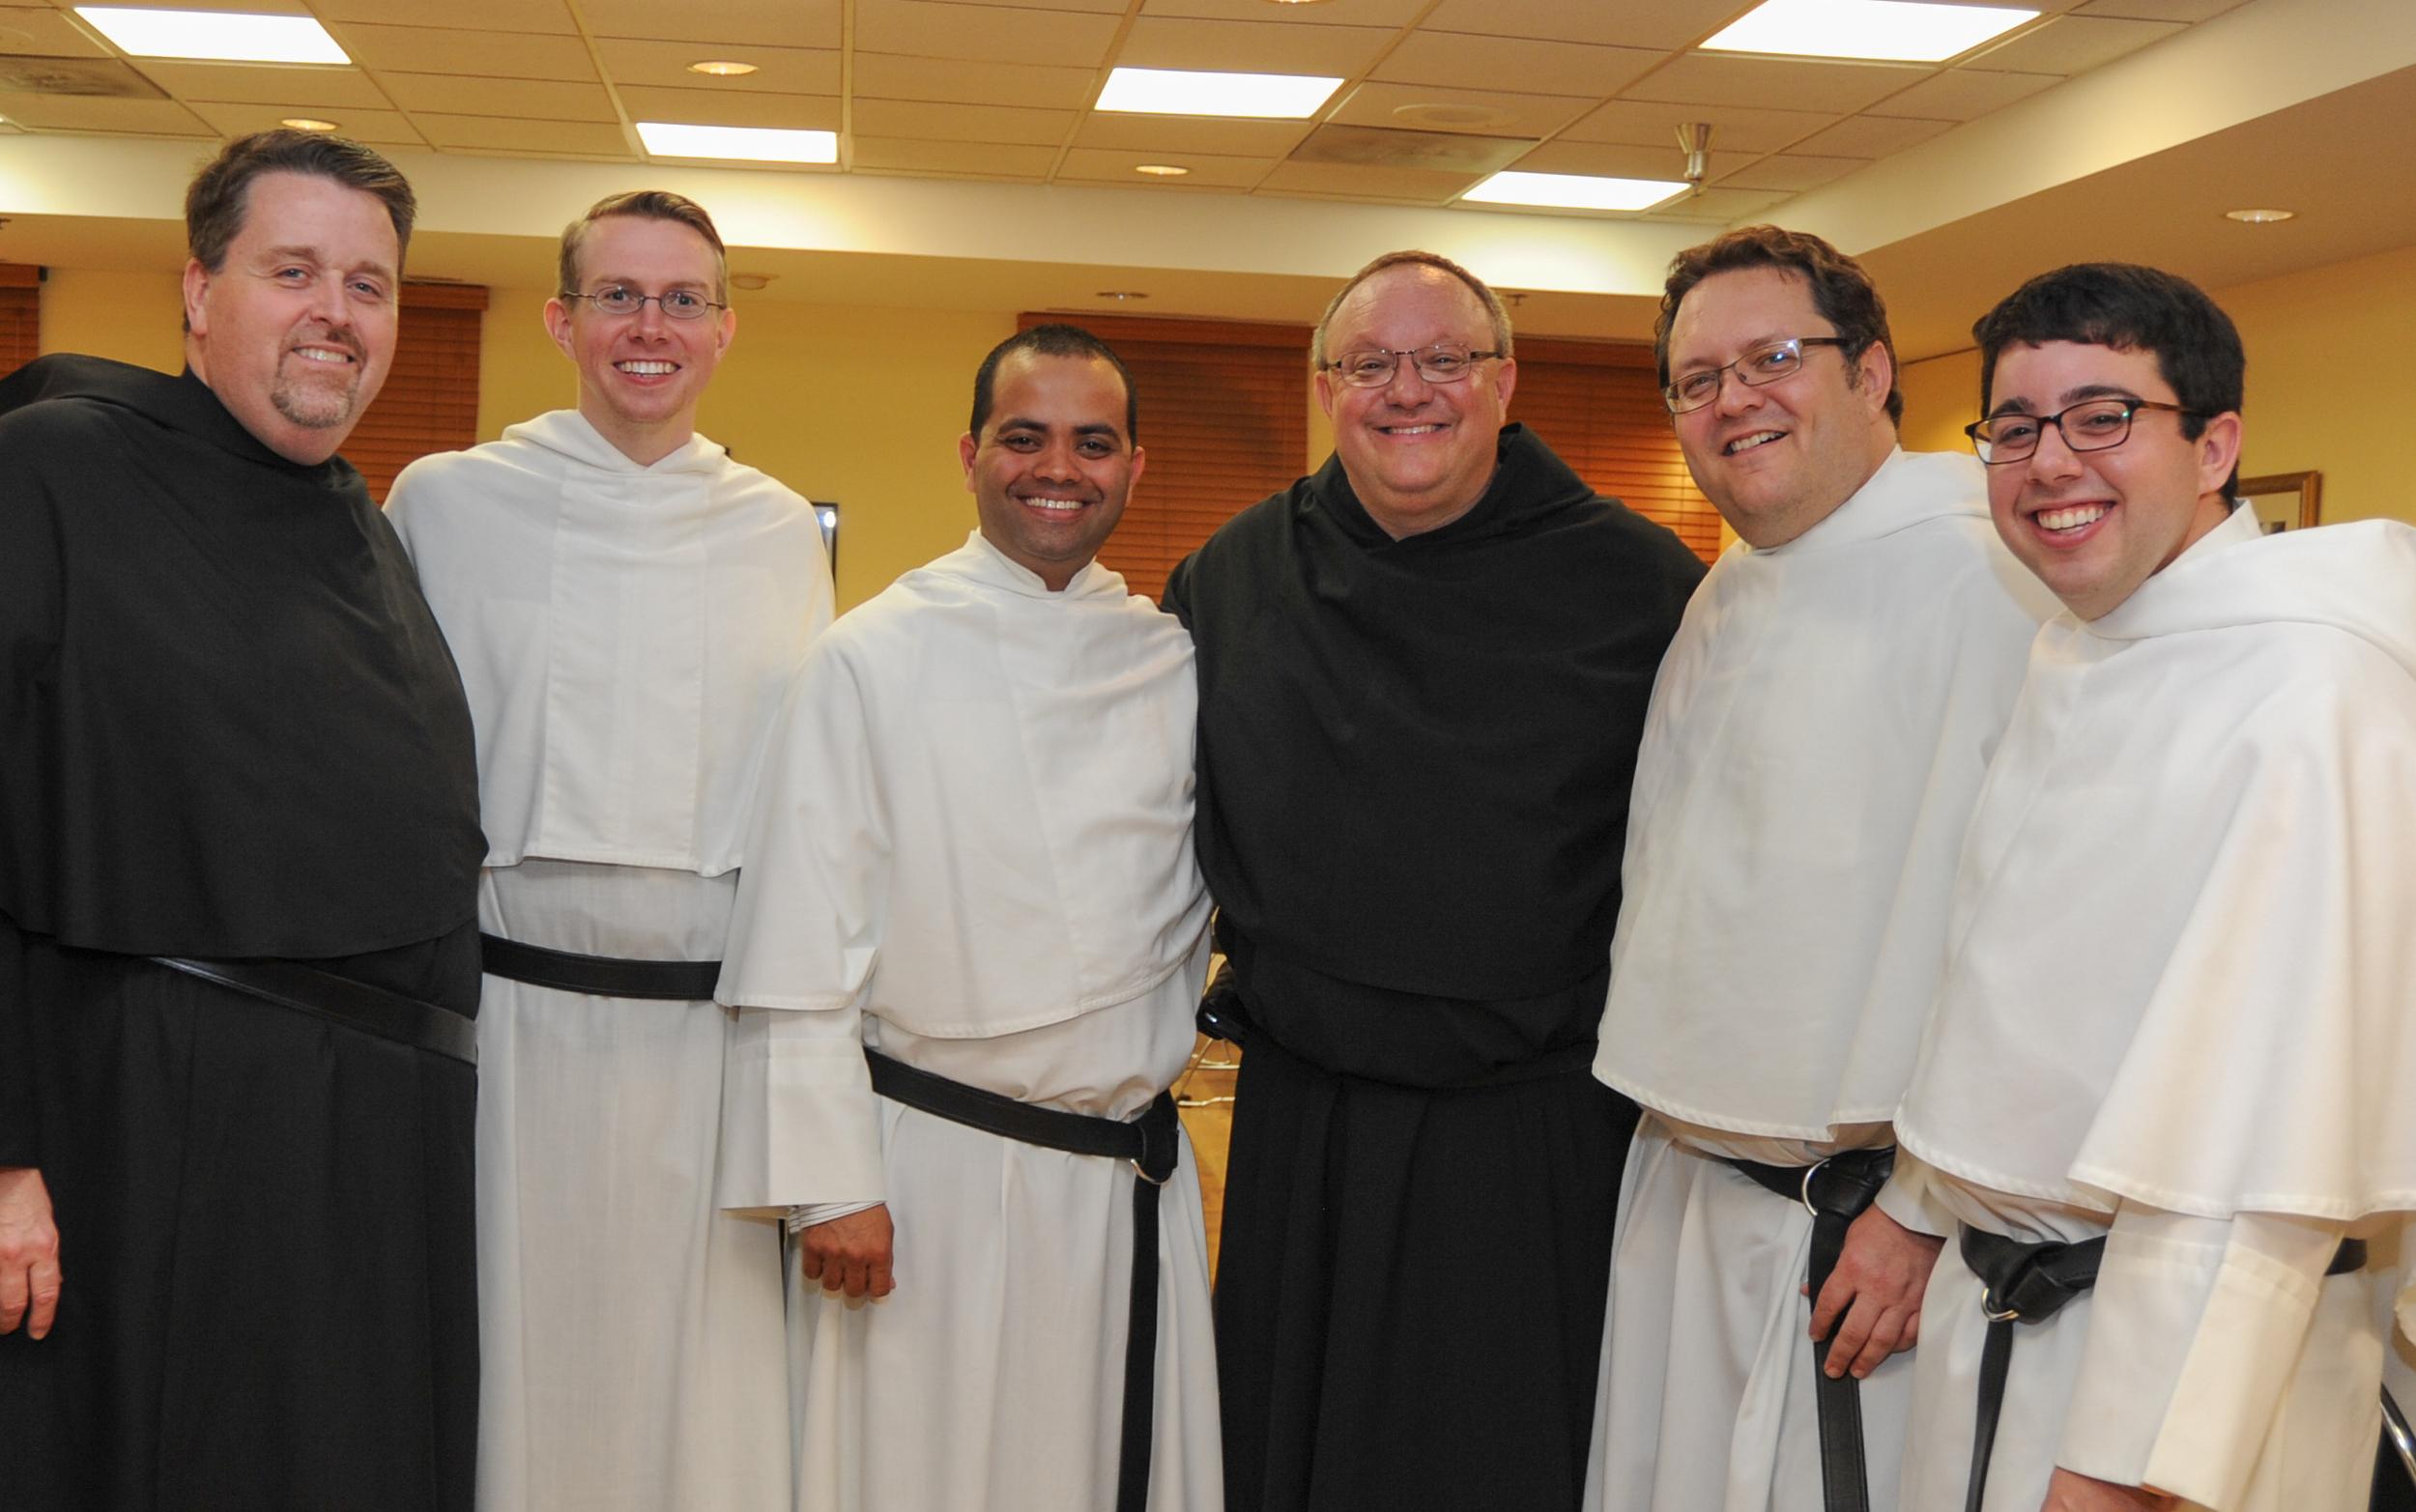 From left: Fr. Tom McCarthy, O.S.A., Director of Vocations; Nick Mullarkey, O.S.A. Novice; Gladson Dabre, O.S.A. Novice; Very Rev. Bernard C. Scianna, O.S.A., Ph.D., Prior Provincial; Joe Siegel, O.S.A. Novice; Colin Nardone, O.S.A. Novice